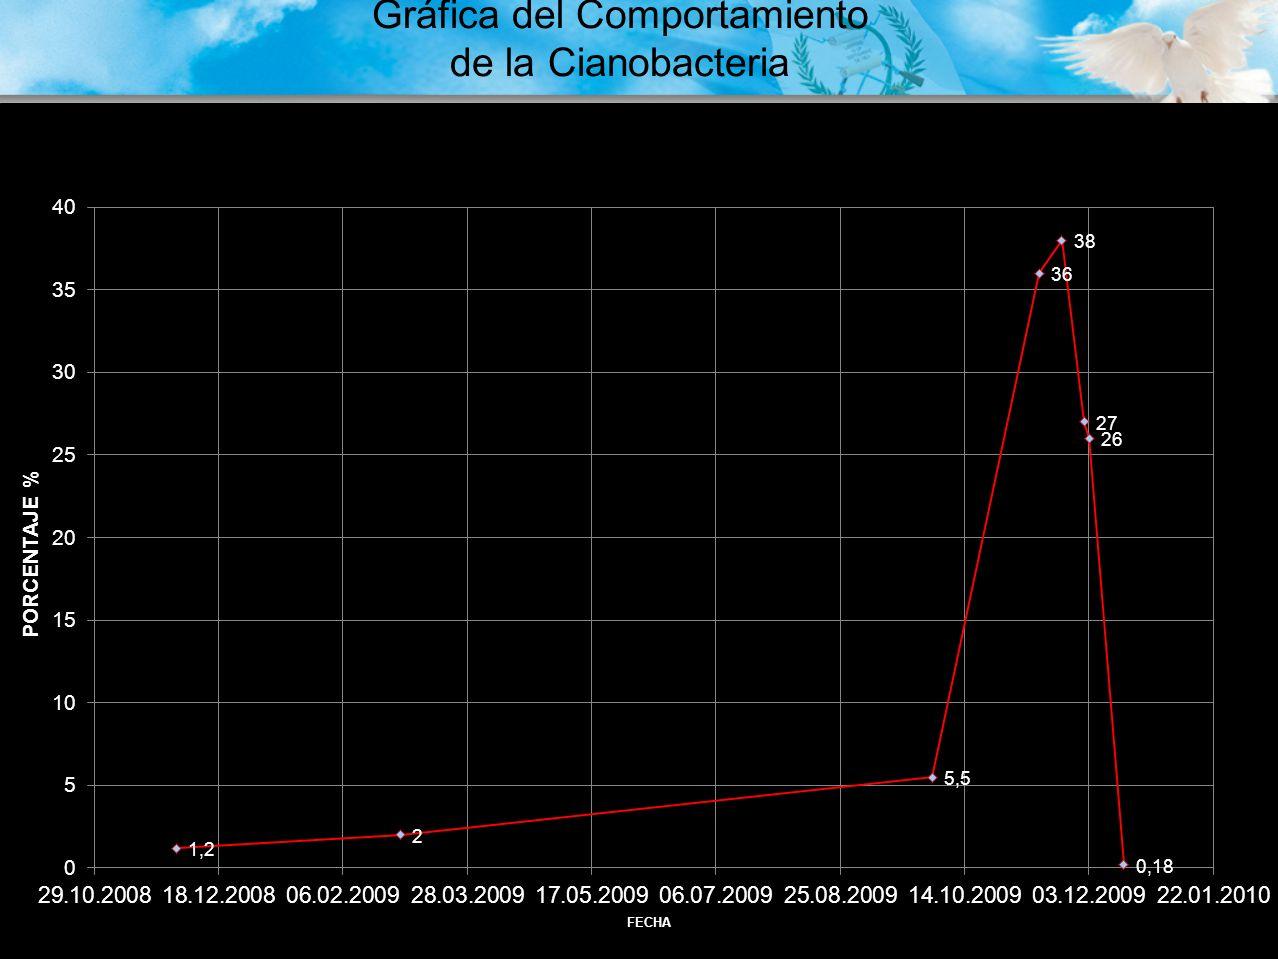 Históricamente la temperatura del Lago de Atitlán ha fluctuado entre 16 o C y 20 o C, observándose incrementos graduales en los últimos 10 años hasta alcanzar una temperatura superficial entre 23 o C y 27.5 o C en 2008